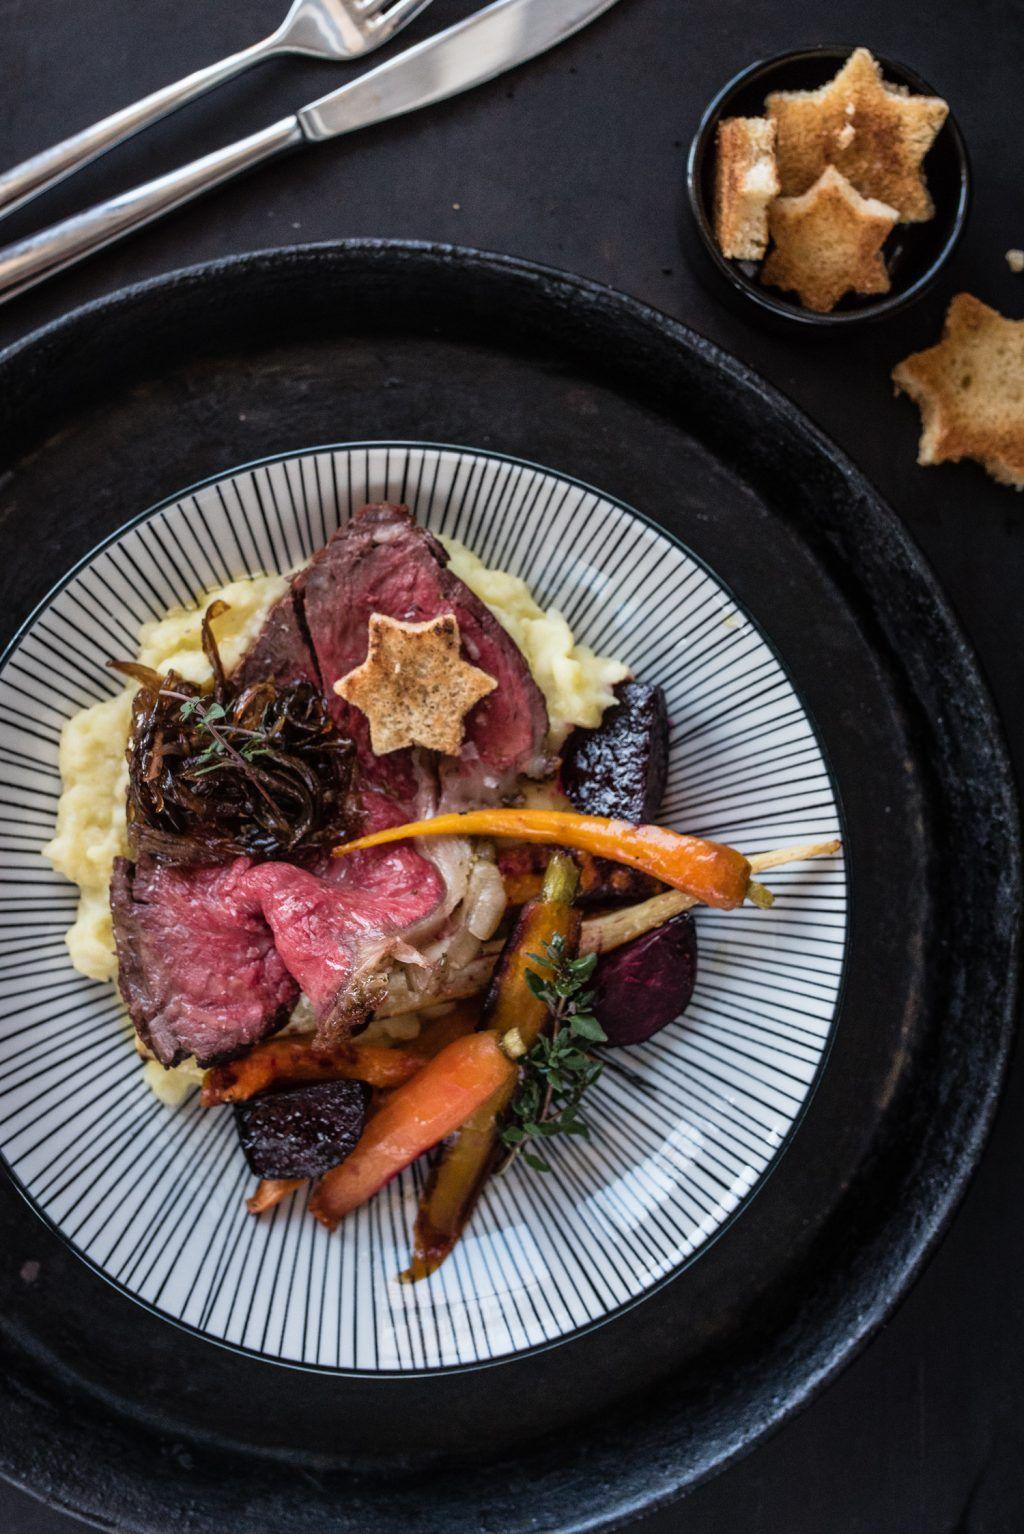 Rezept für zartrosa Roastbeef mit Knoblauch und Rosmarin, ganz einfach im Ofen gegart